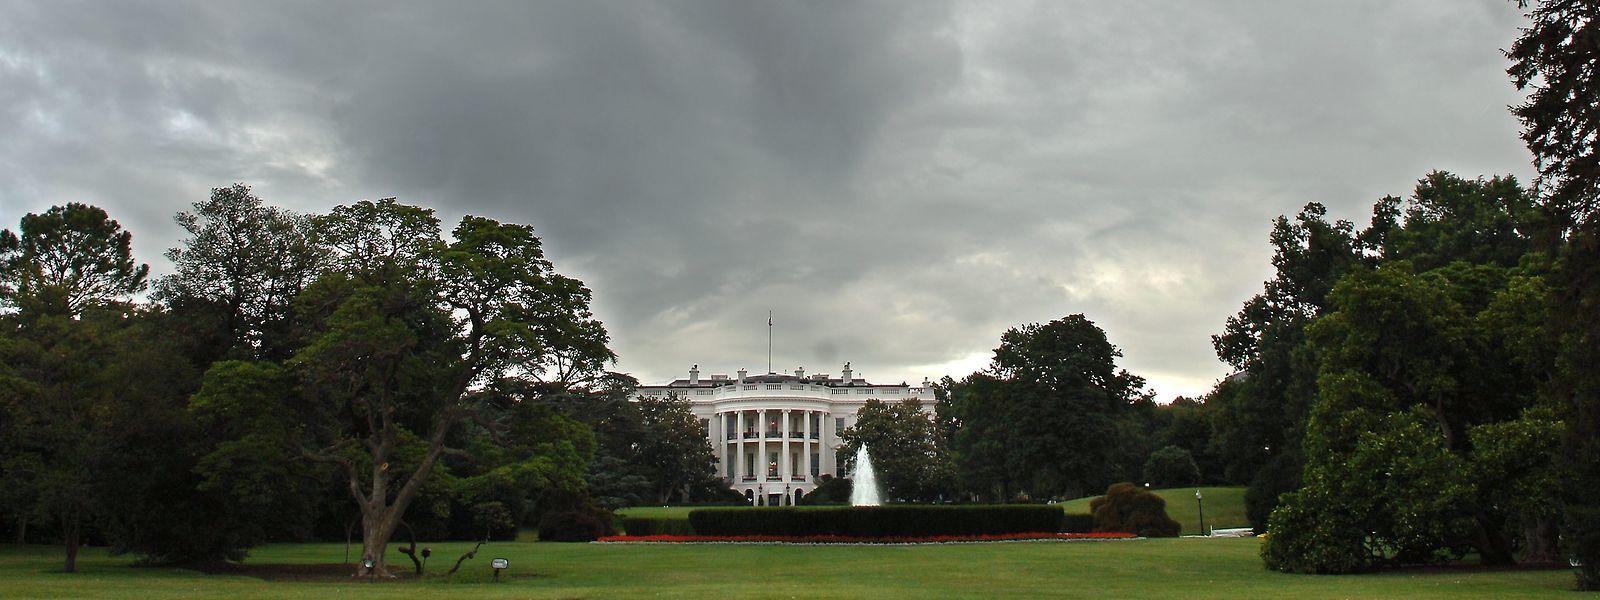 Dunkle Wolken über dem Weißen Haus: Einen Tag nachdem Auszüge aus Bob Woodwards neuem Buch ein wenig schmeichelhaftes Bild der Vorgänge in Donald Trumps Regierungssitz zeichnen, meldet sich jetzt ein anonymer Regierungsmitarbeiter zu Wort.